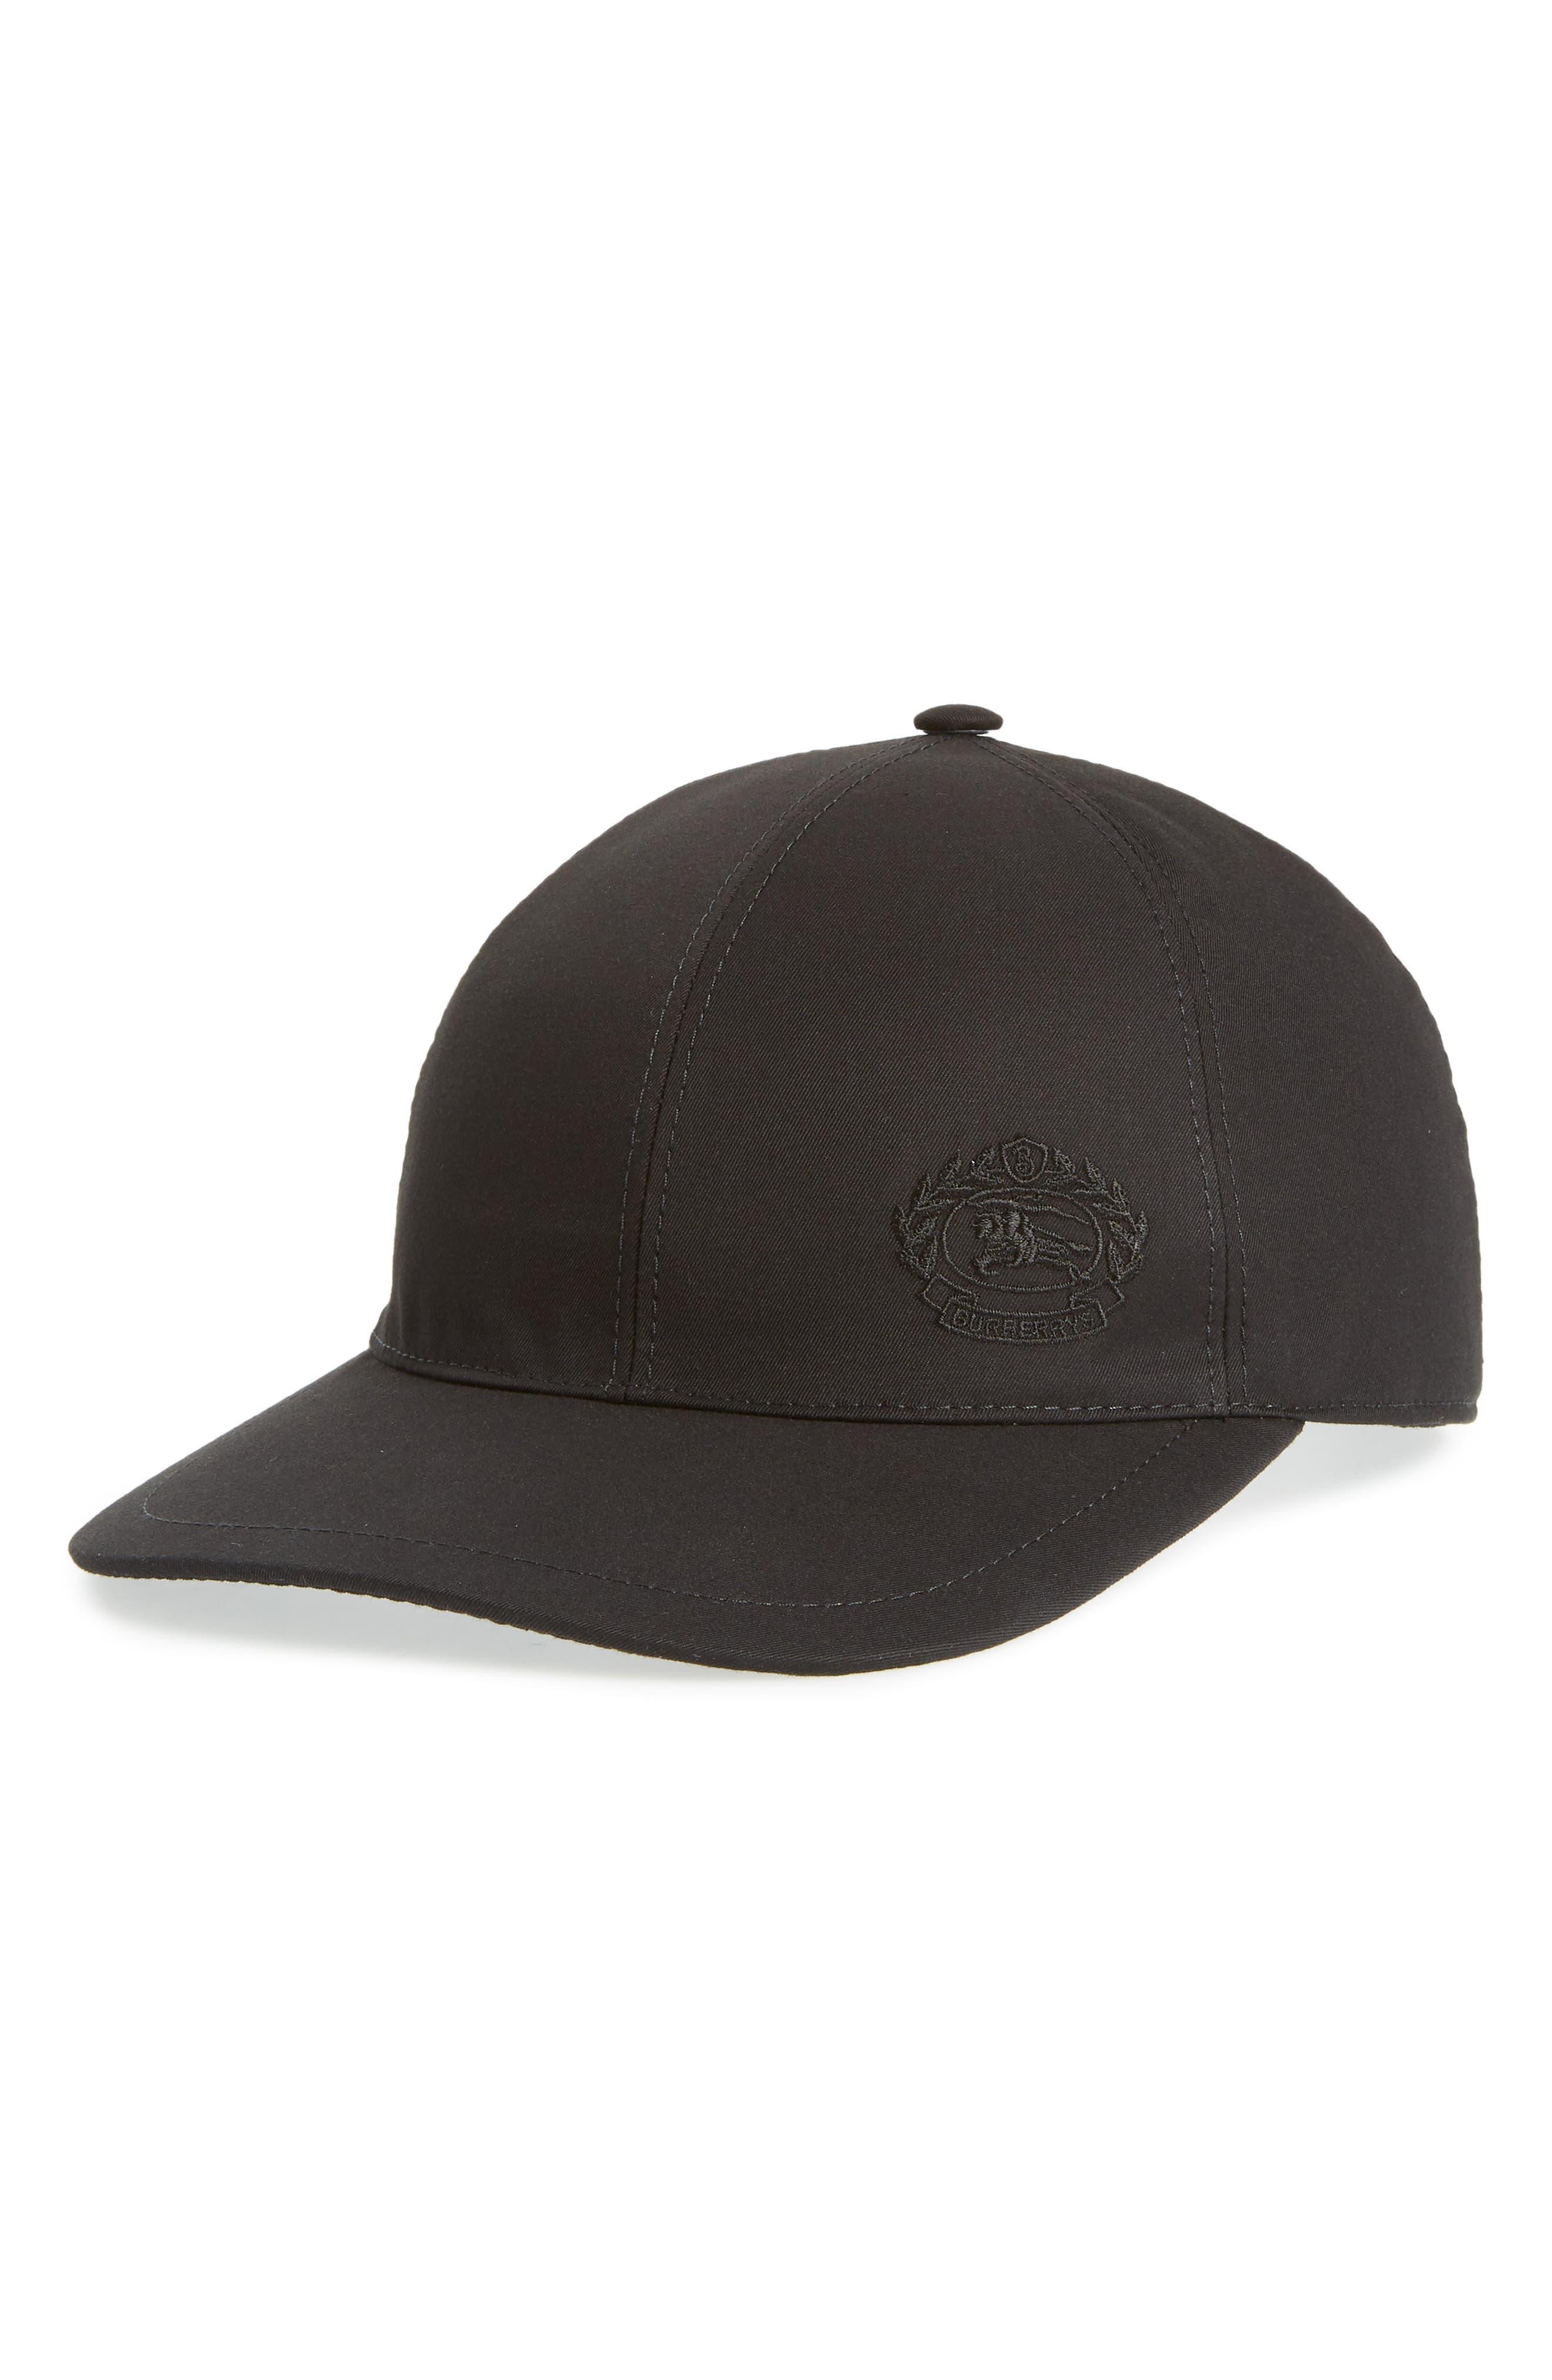 Burberry DK Crest Baseball Cap